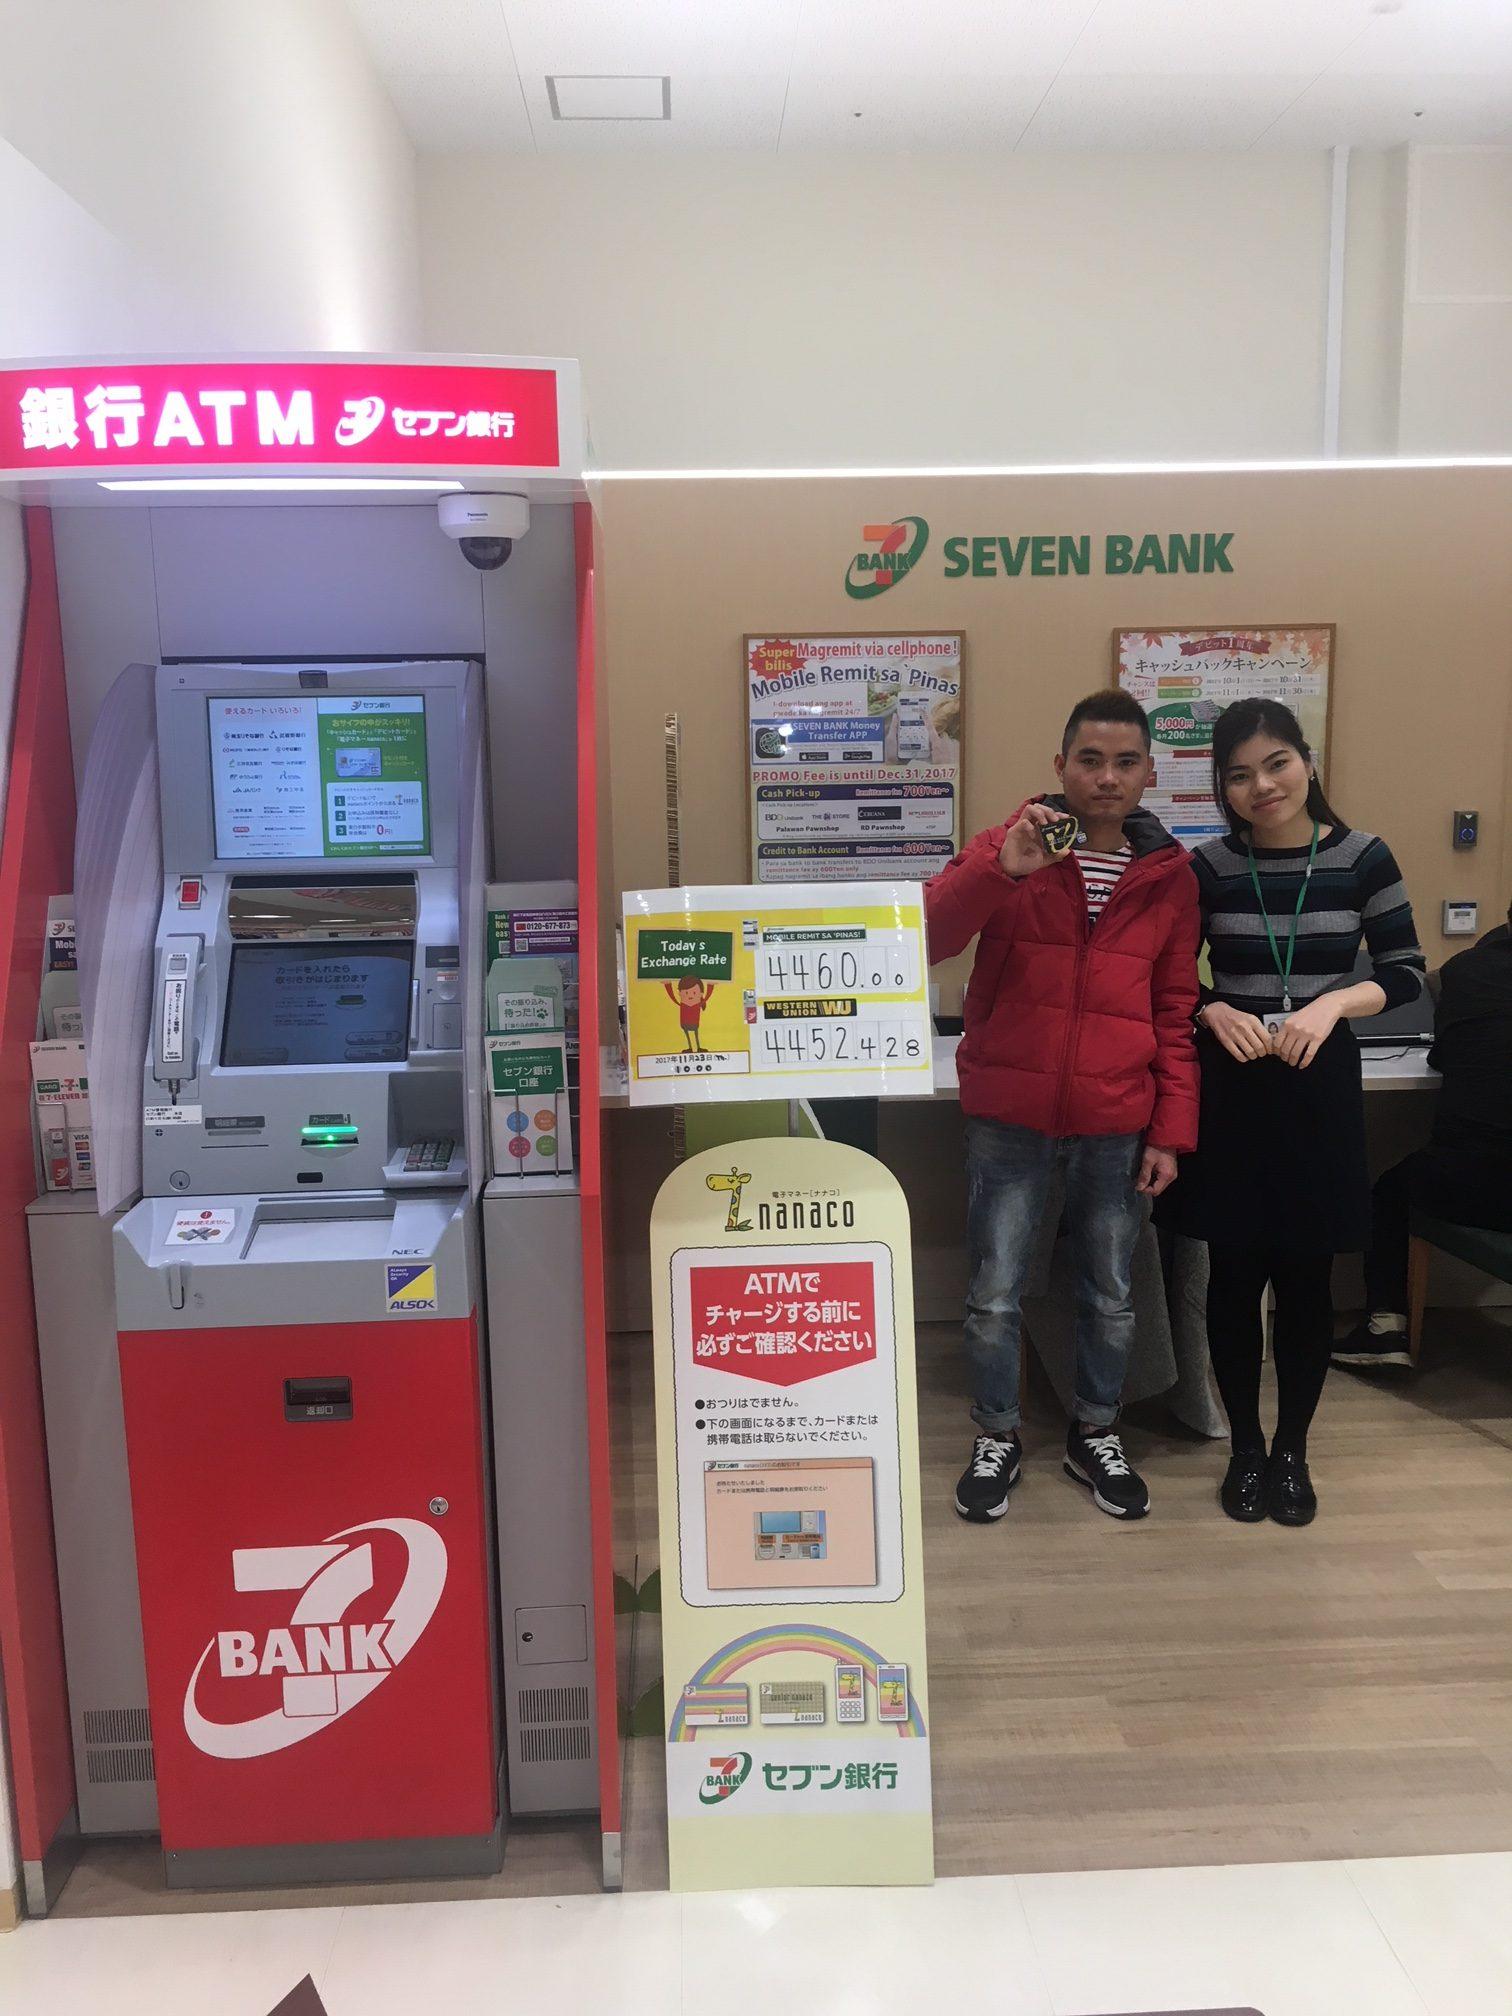 ATM của Seven Bank có hiển thị tiếng Việt